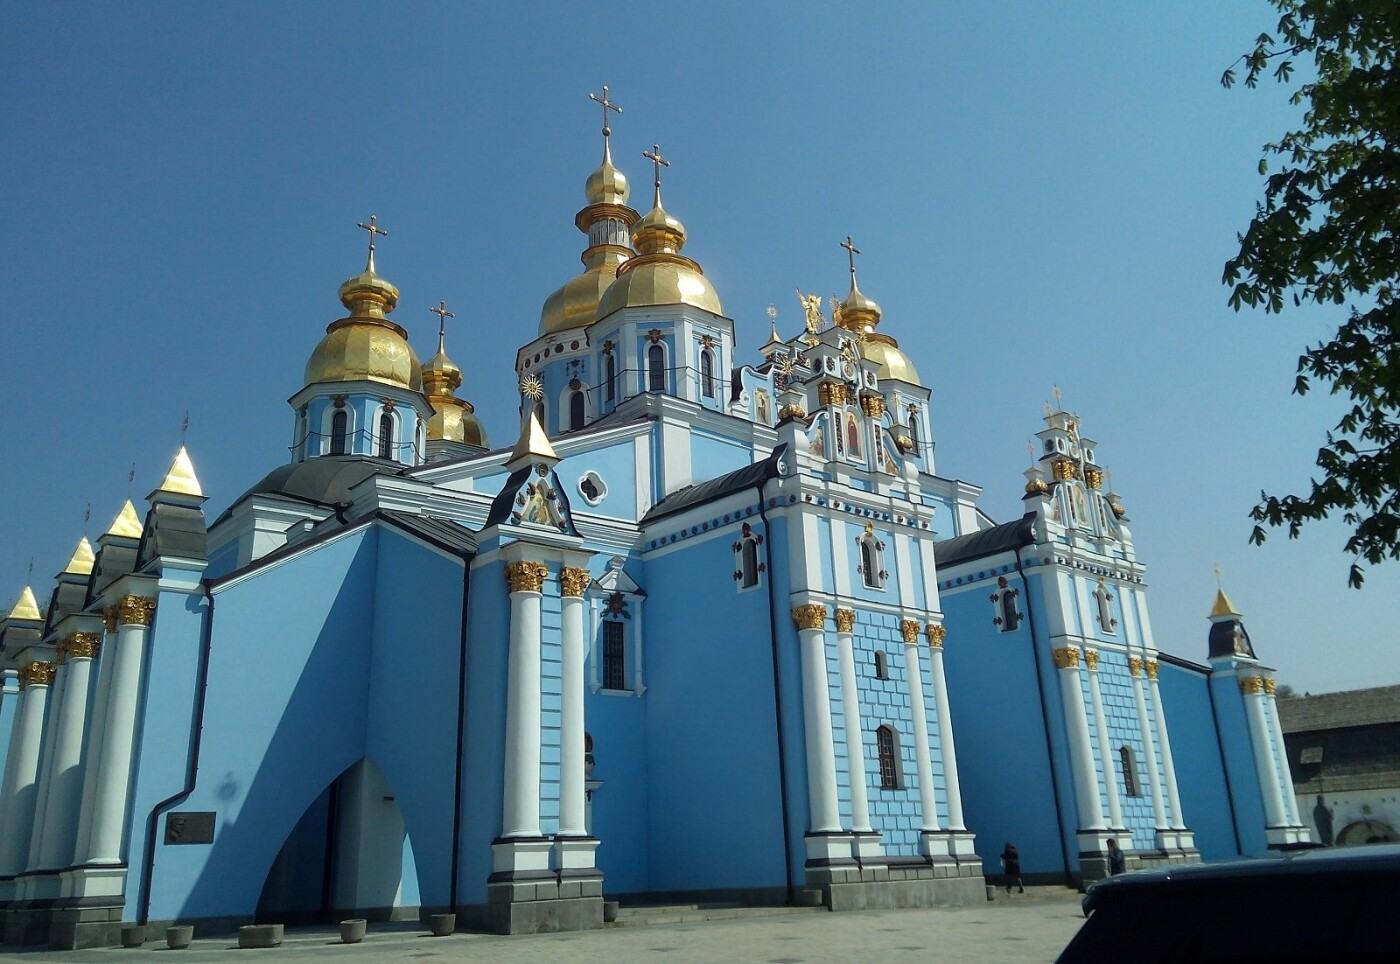 Михайловский Златоверхий монастырь, Фото: Олексій Нестеренко